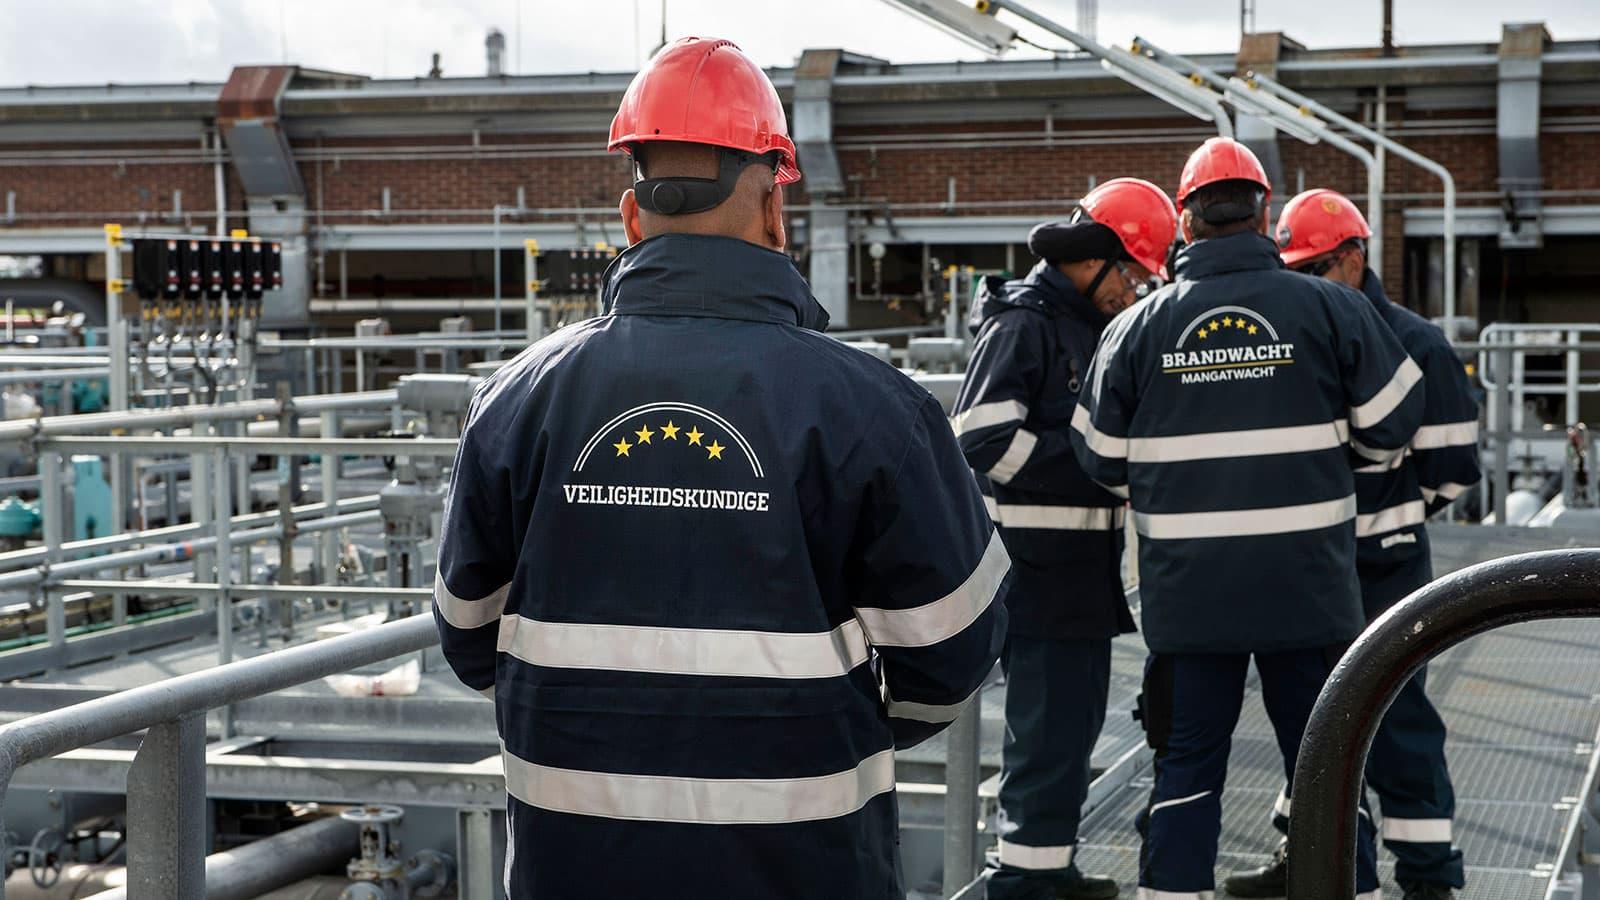 De middelbaar veiligheidskundigen van Risk Safety zijn landelijk inzetbaar.